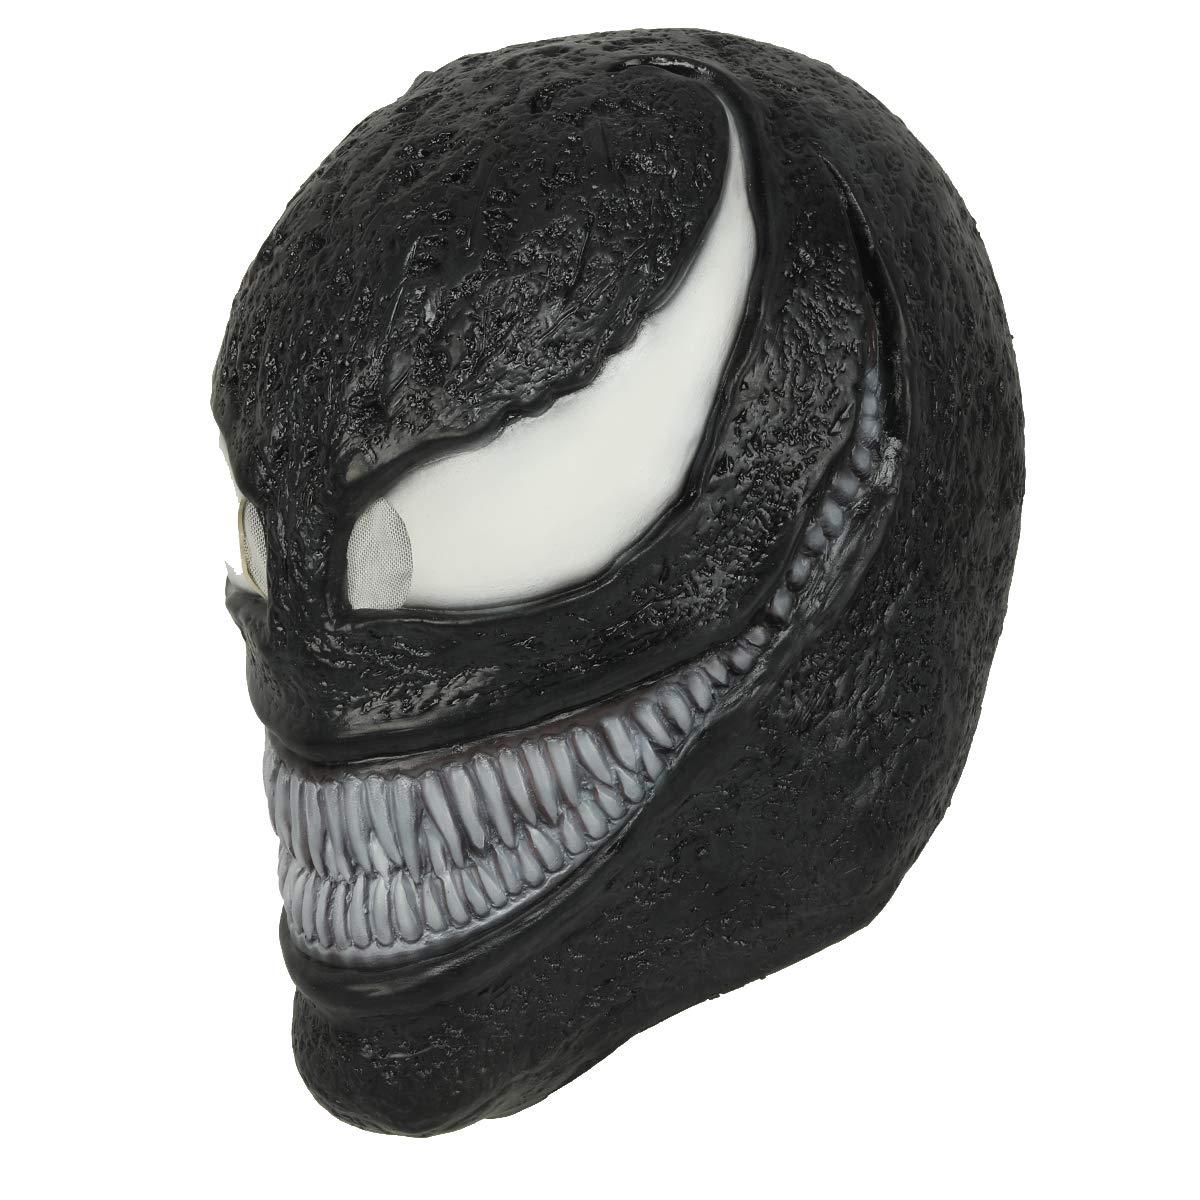 Wellgift Halloween Maske Erwachsene Cosplay Kostüm Film Unisex Horror Helm Latex Vollkopf Masken Fancy Dress Costume Ware Zubehör